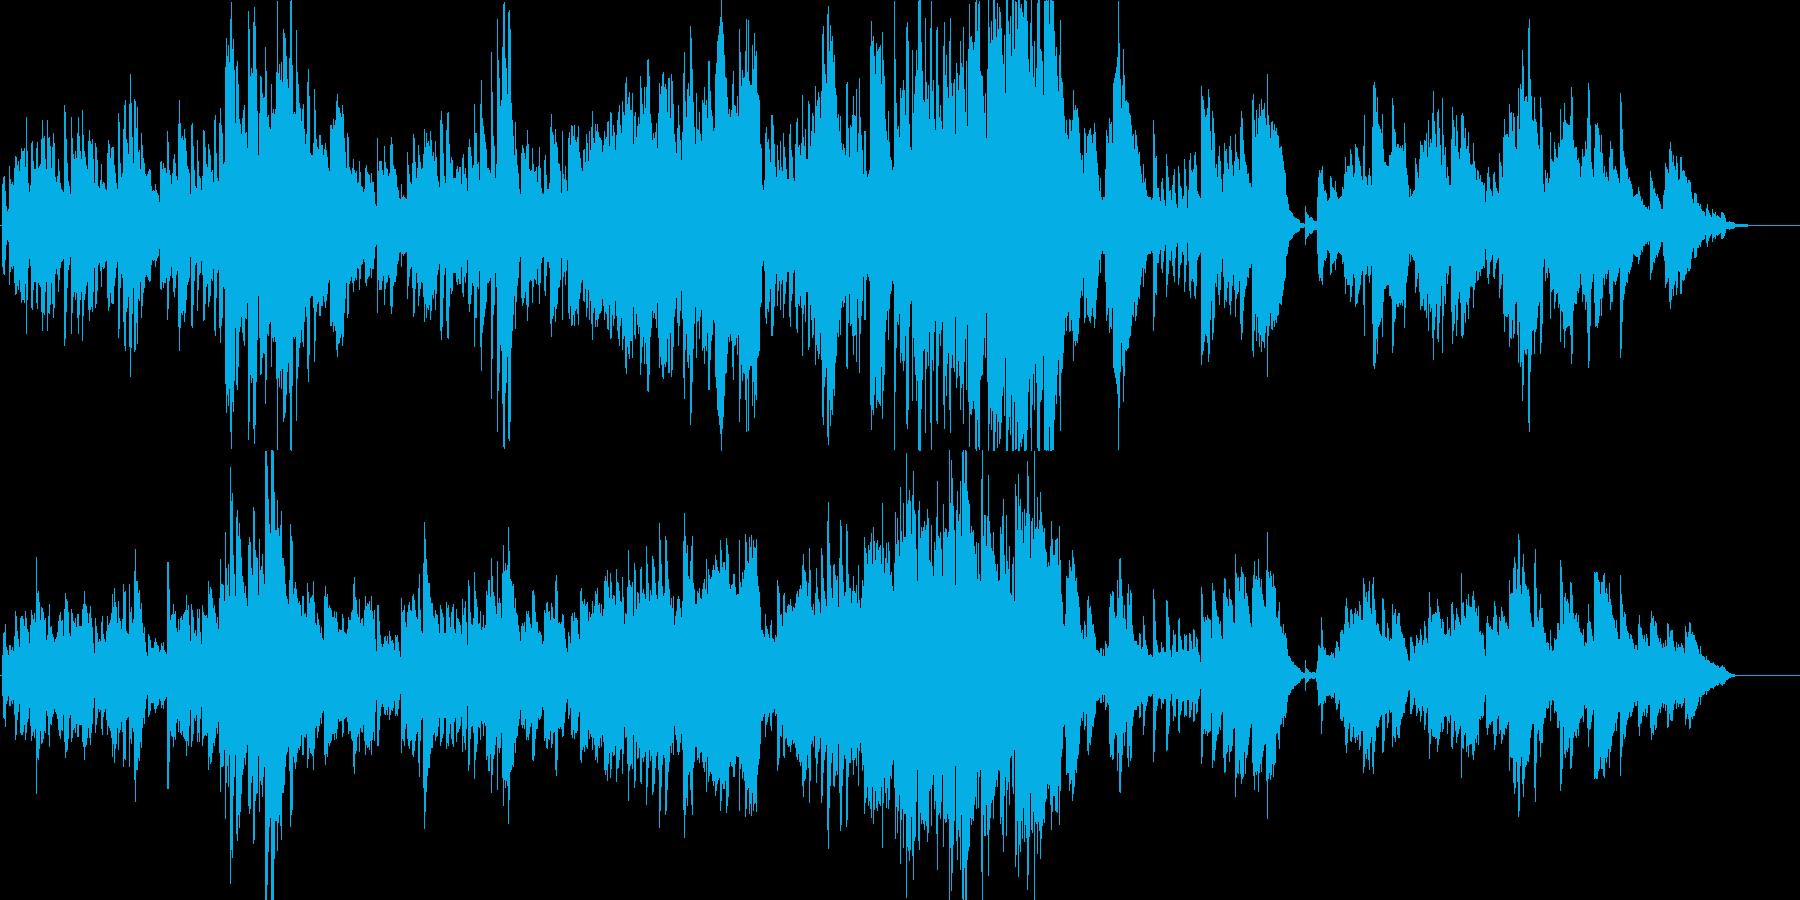 告白の雪-ピアノバラードの再生済みの波形